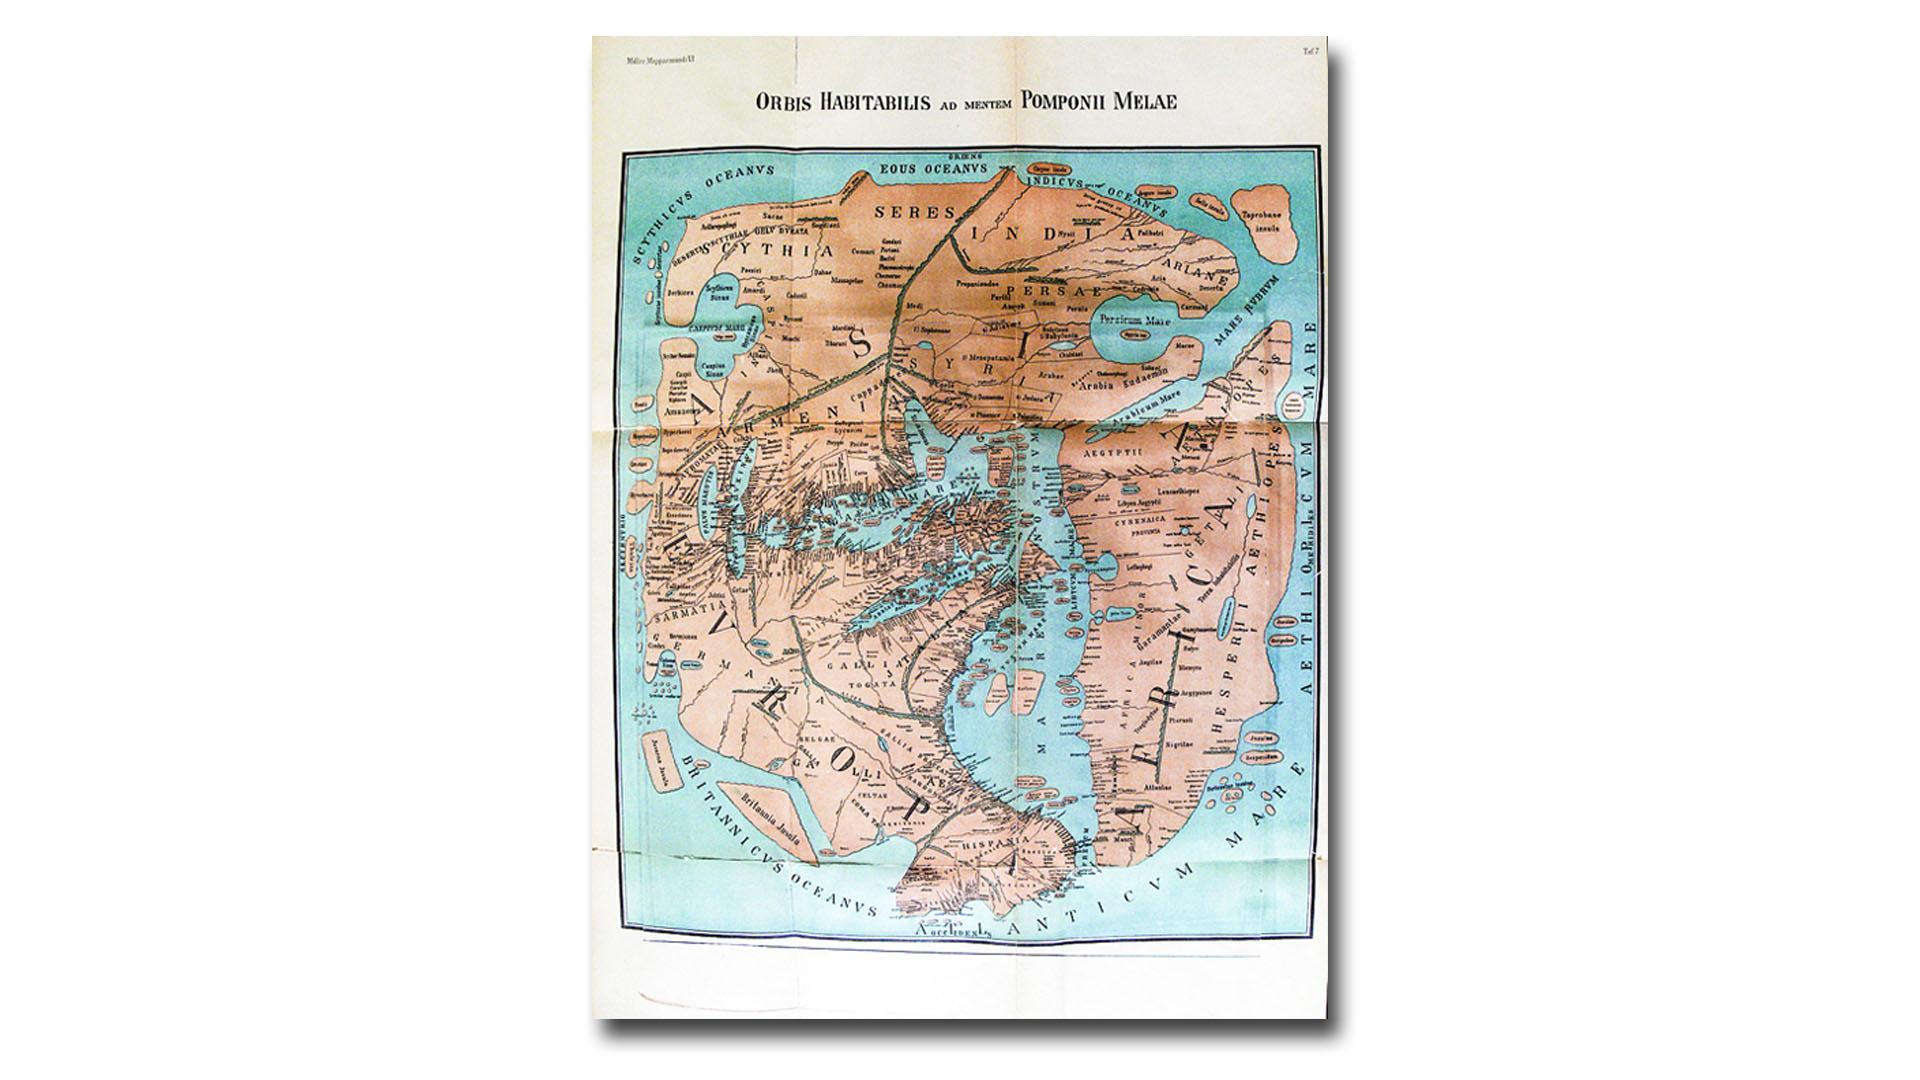 Von K. Miller 1898 rekonstruierte Weltkarte des Pompunius Mela, die der Geograph und Kosmograph Mela 43-44 n. Chr. anfertigte. Eine Inselgruppe kann als die Kanaren gedeutet werden.